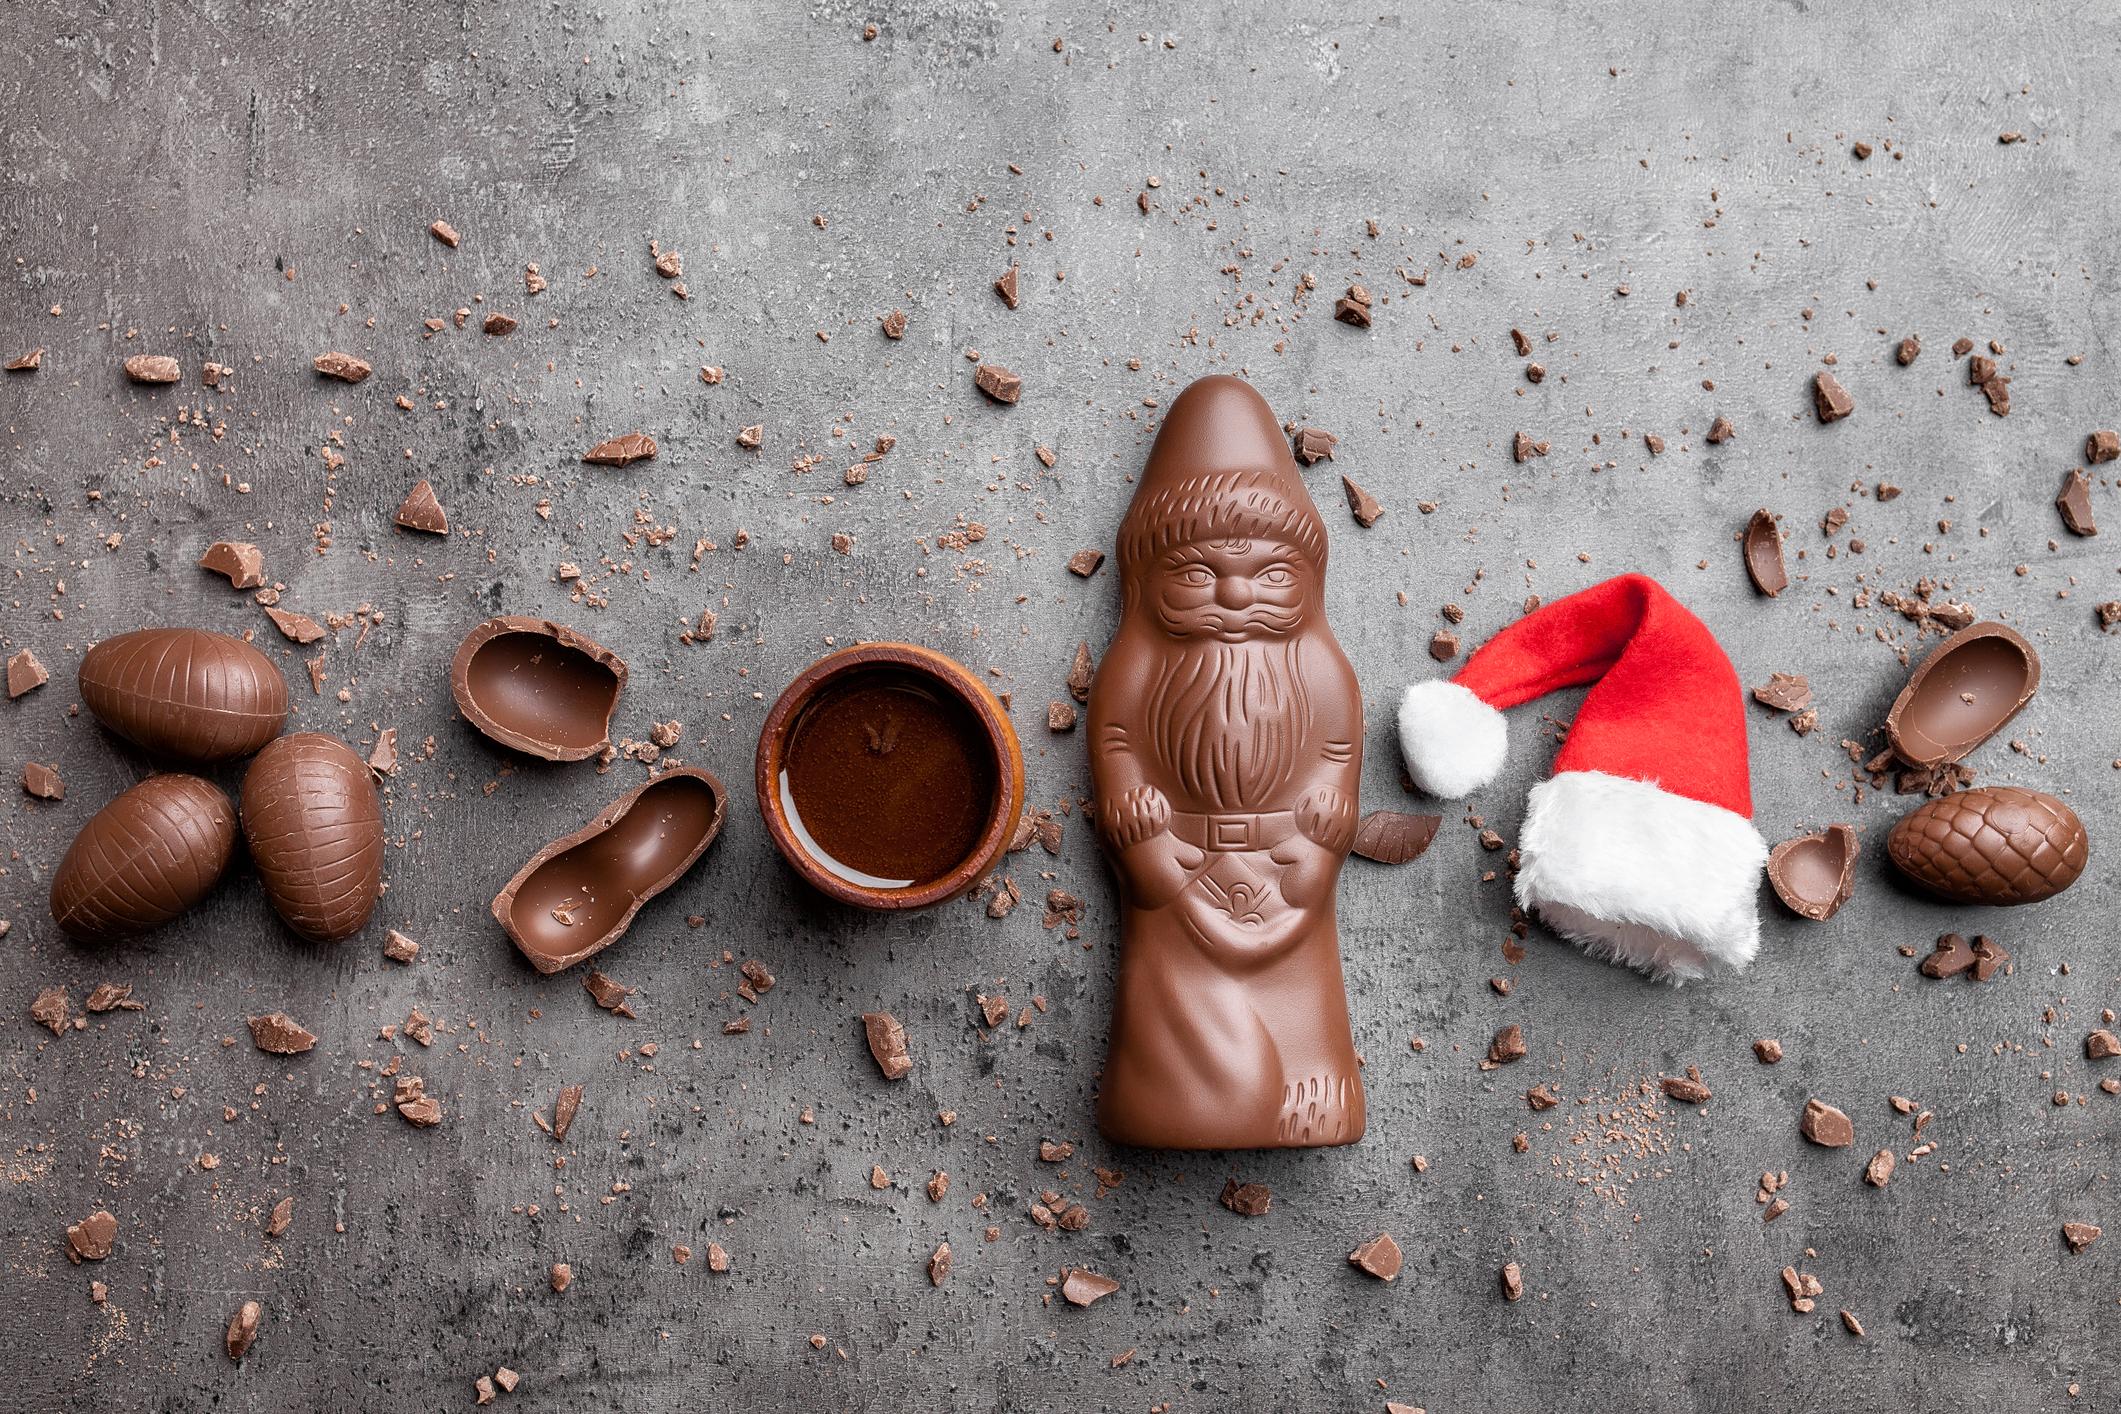 Шоколадов Дядо Коледа – задължителен под всяка елха, във всеки дом, допълнение към всеки подарък, идеално решение за подарък в последния момент.